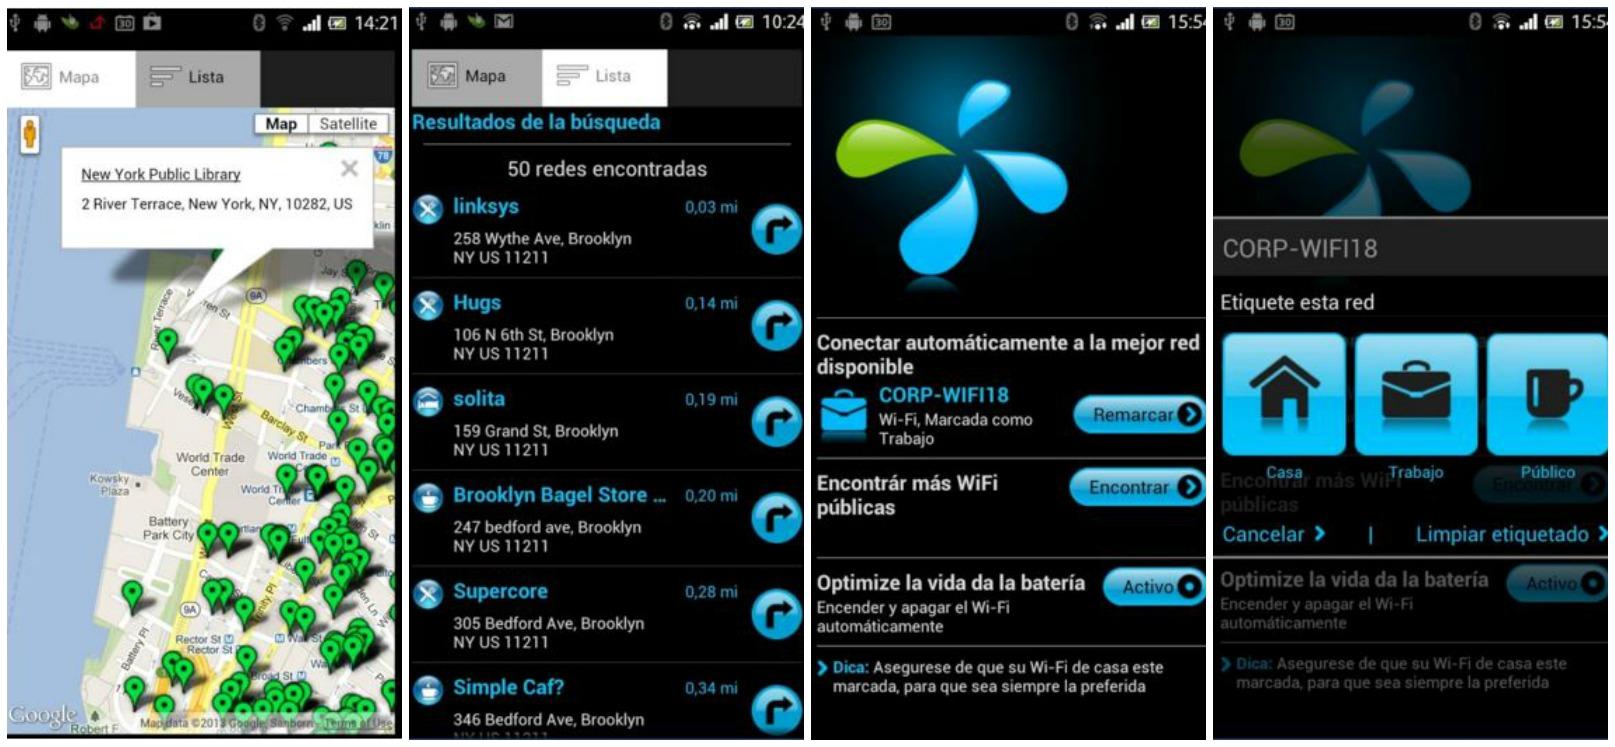 wefipro conseguir wifi estrangeiro wifi apps aplicaçoes curiosidades madrid o que fazer em madrid